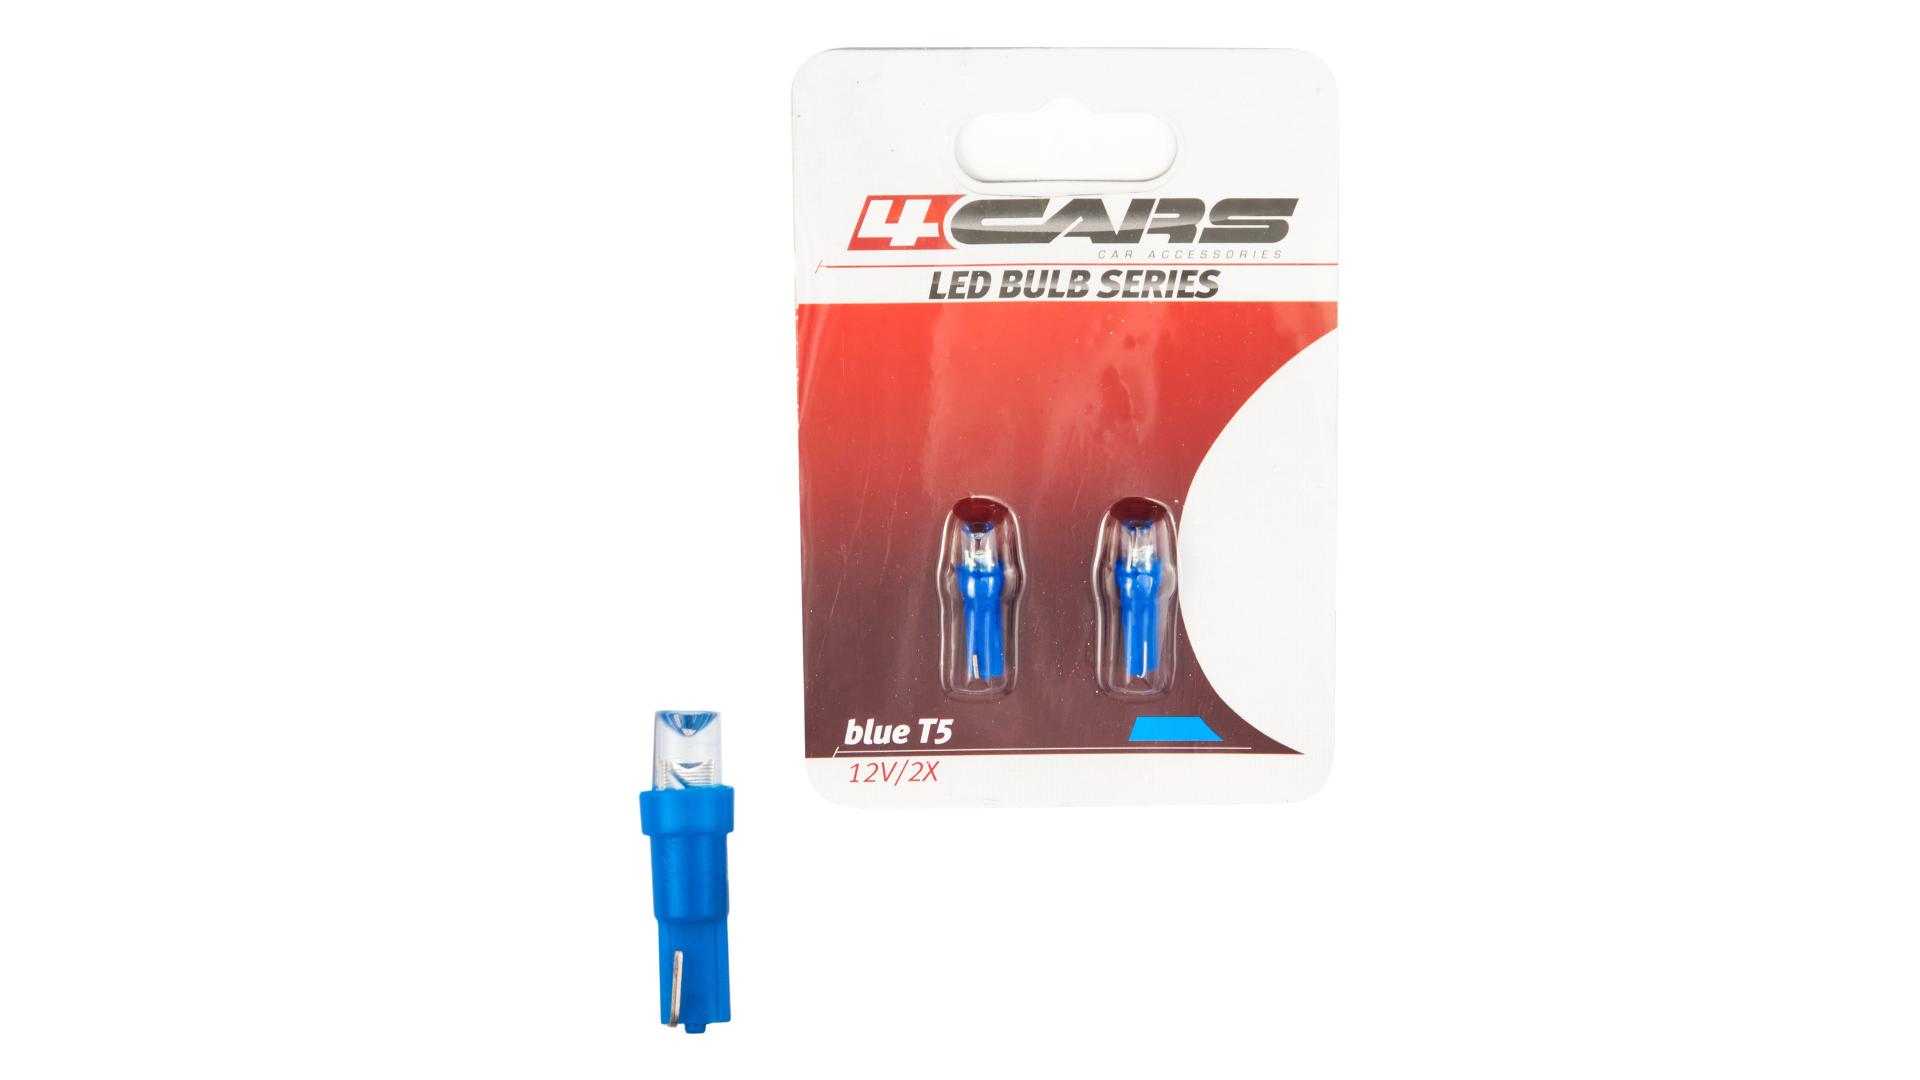 4CARS LED žárovka 1LED 12V T5 modrá